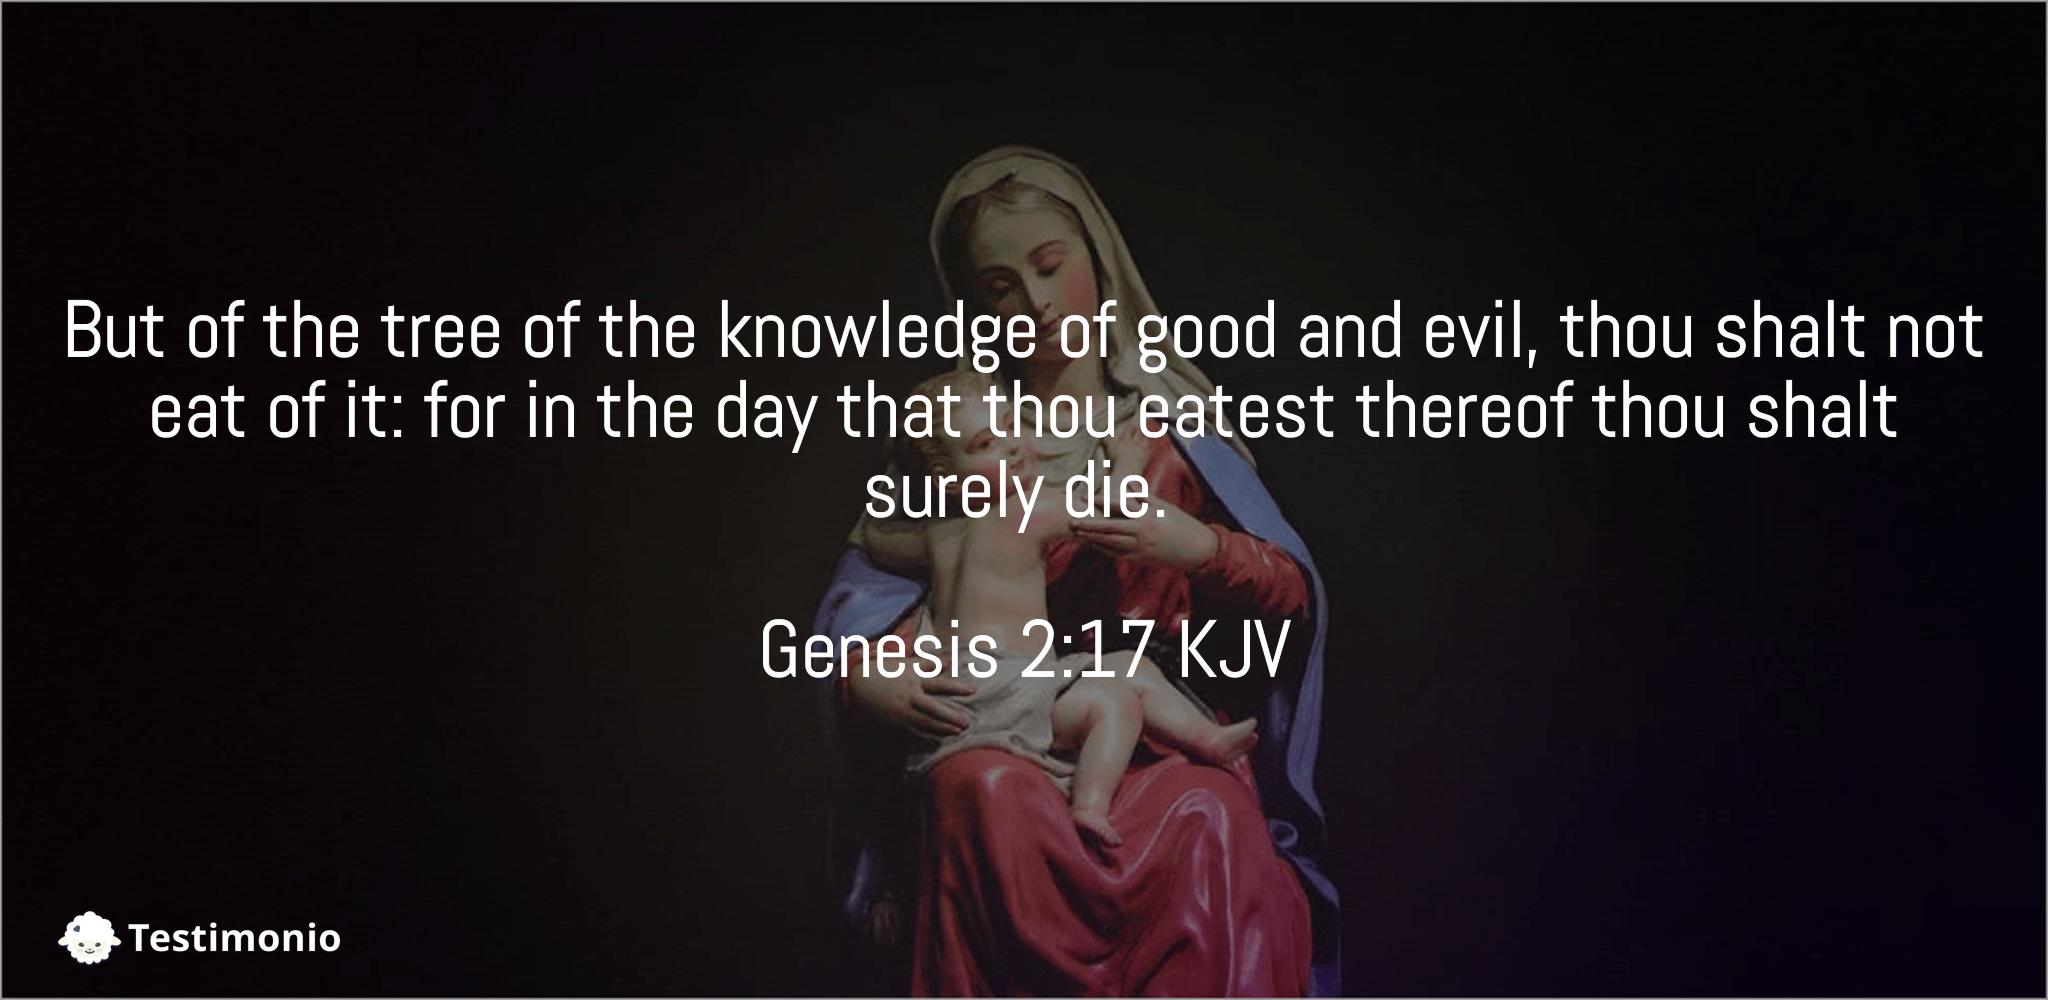 Genesis 2:17